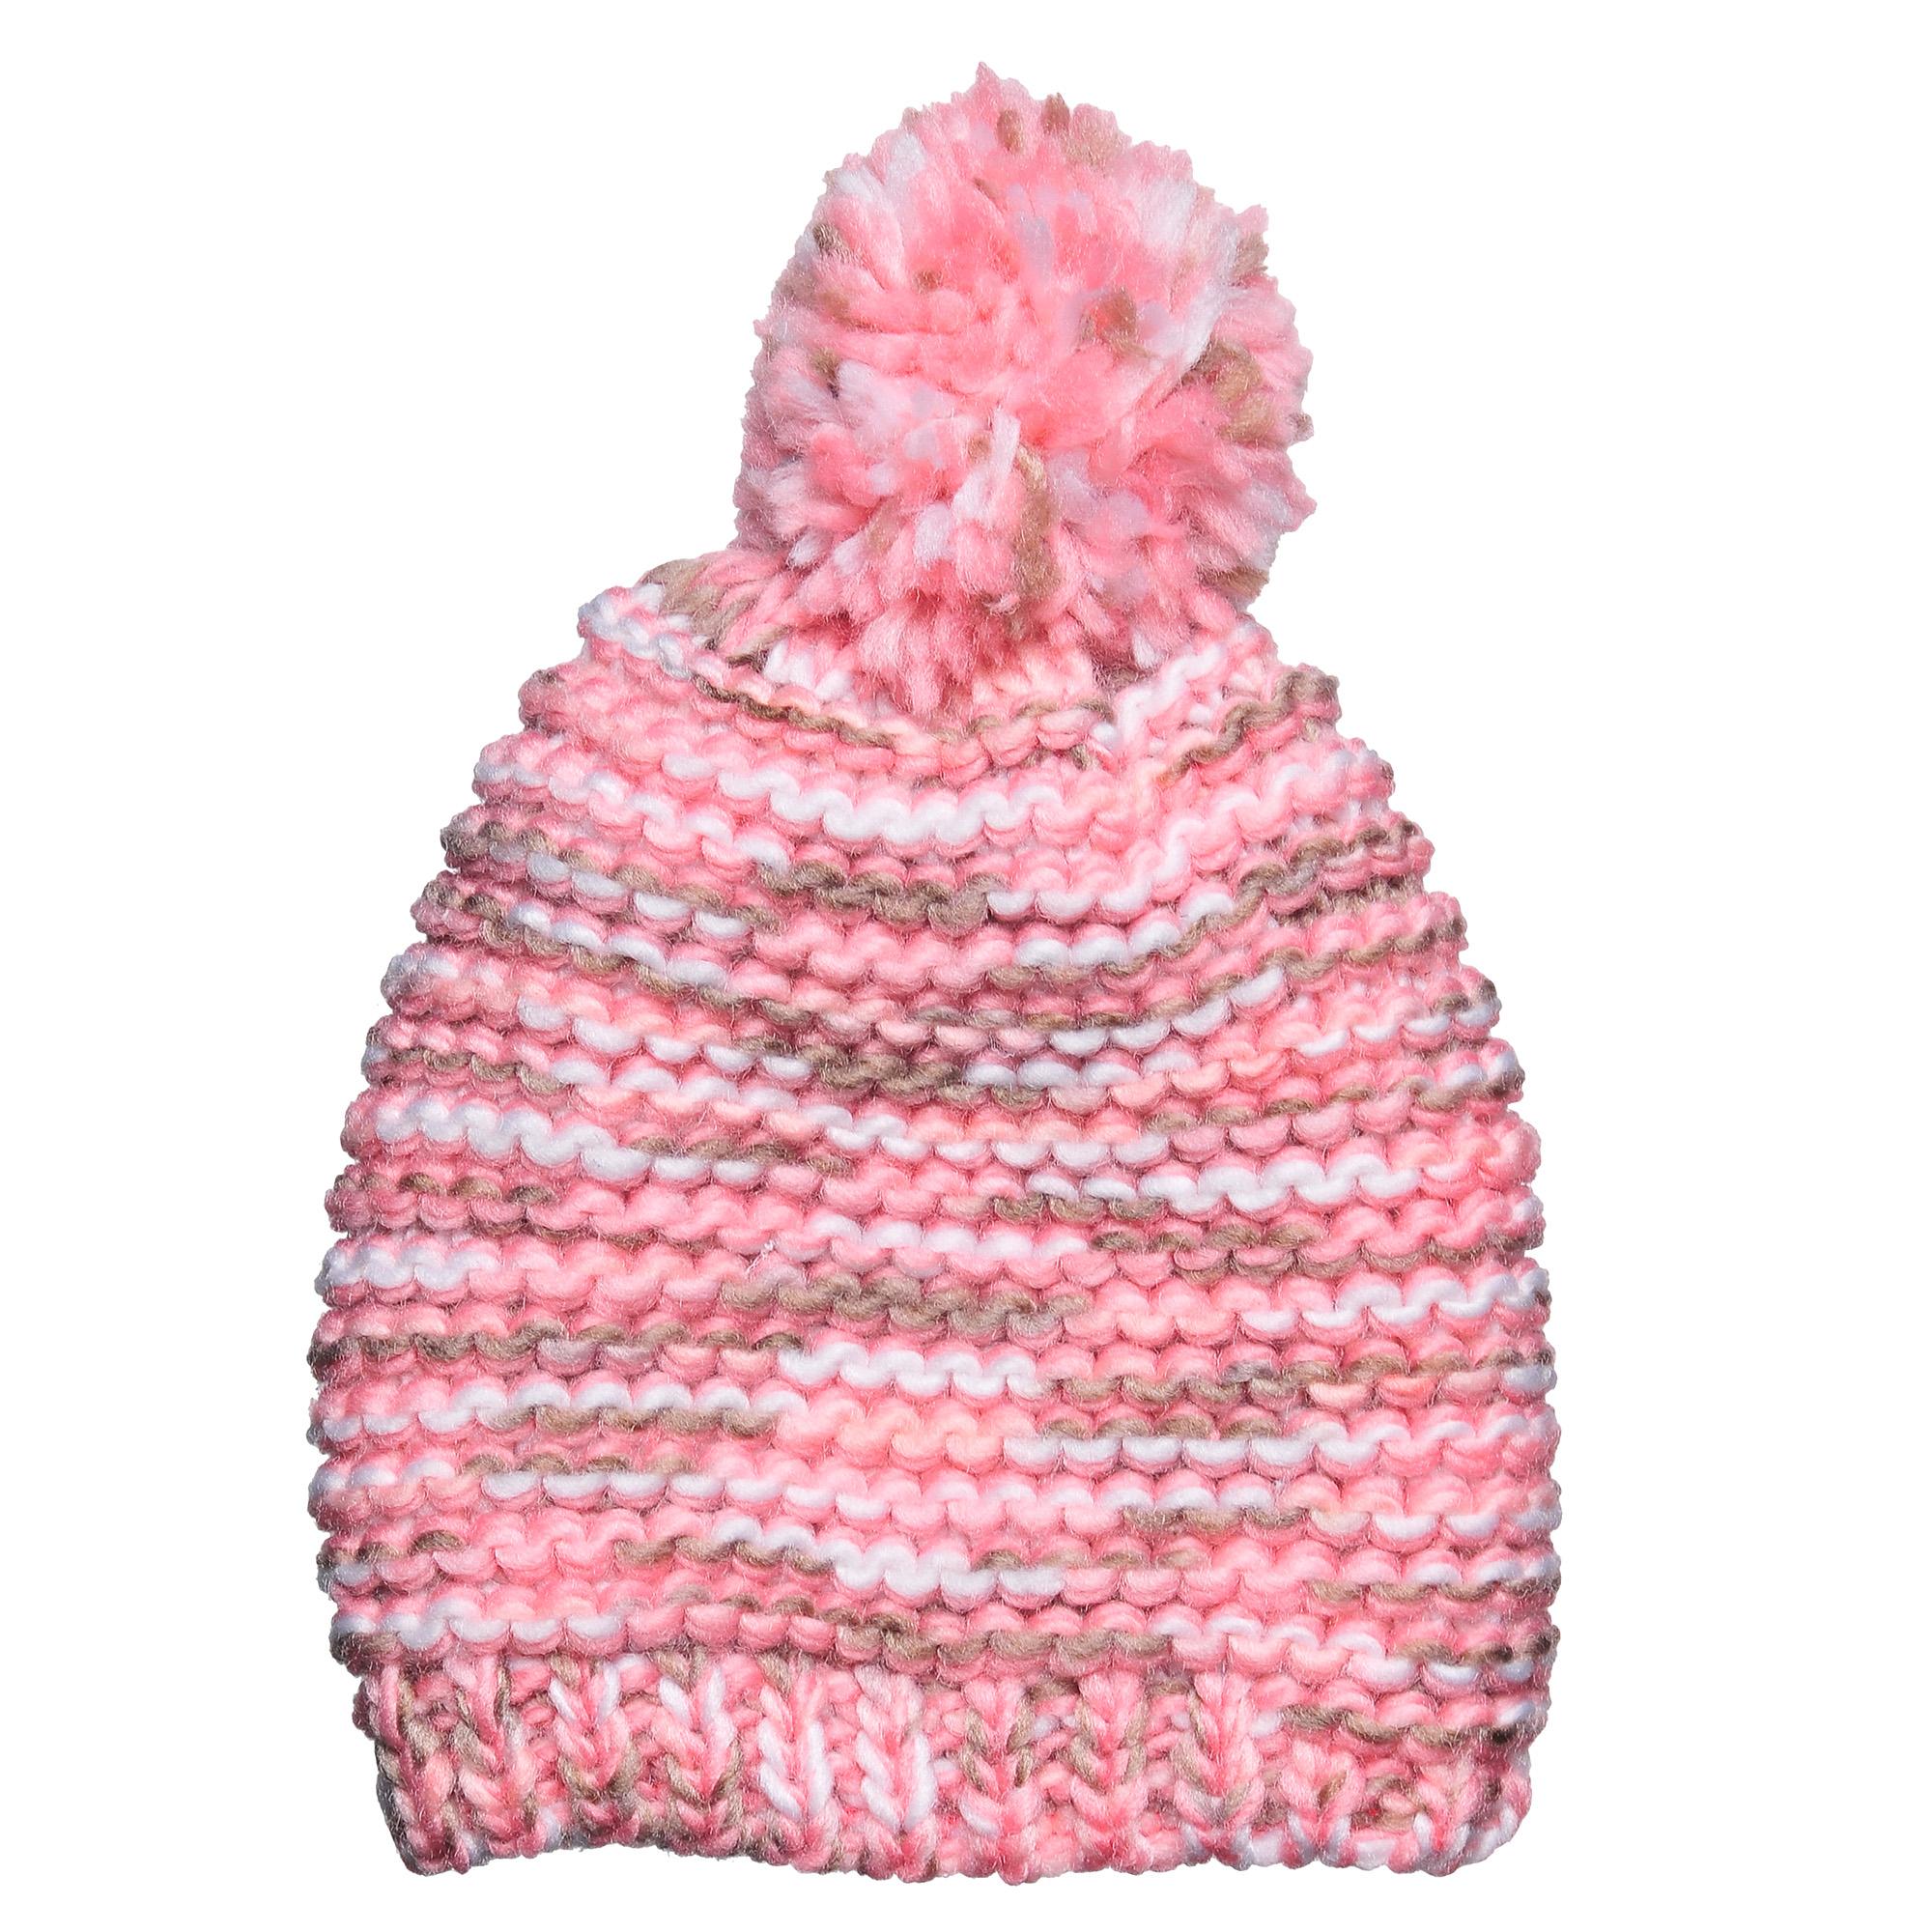 4-0041-117Стильная однослойная теплая шапка с помпоном из акрила. Меланжевая вязка. Отличный аксессуар защитит в непогоду и подарит ощущение теплоты.